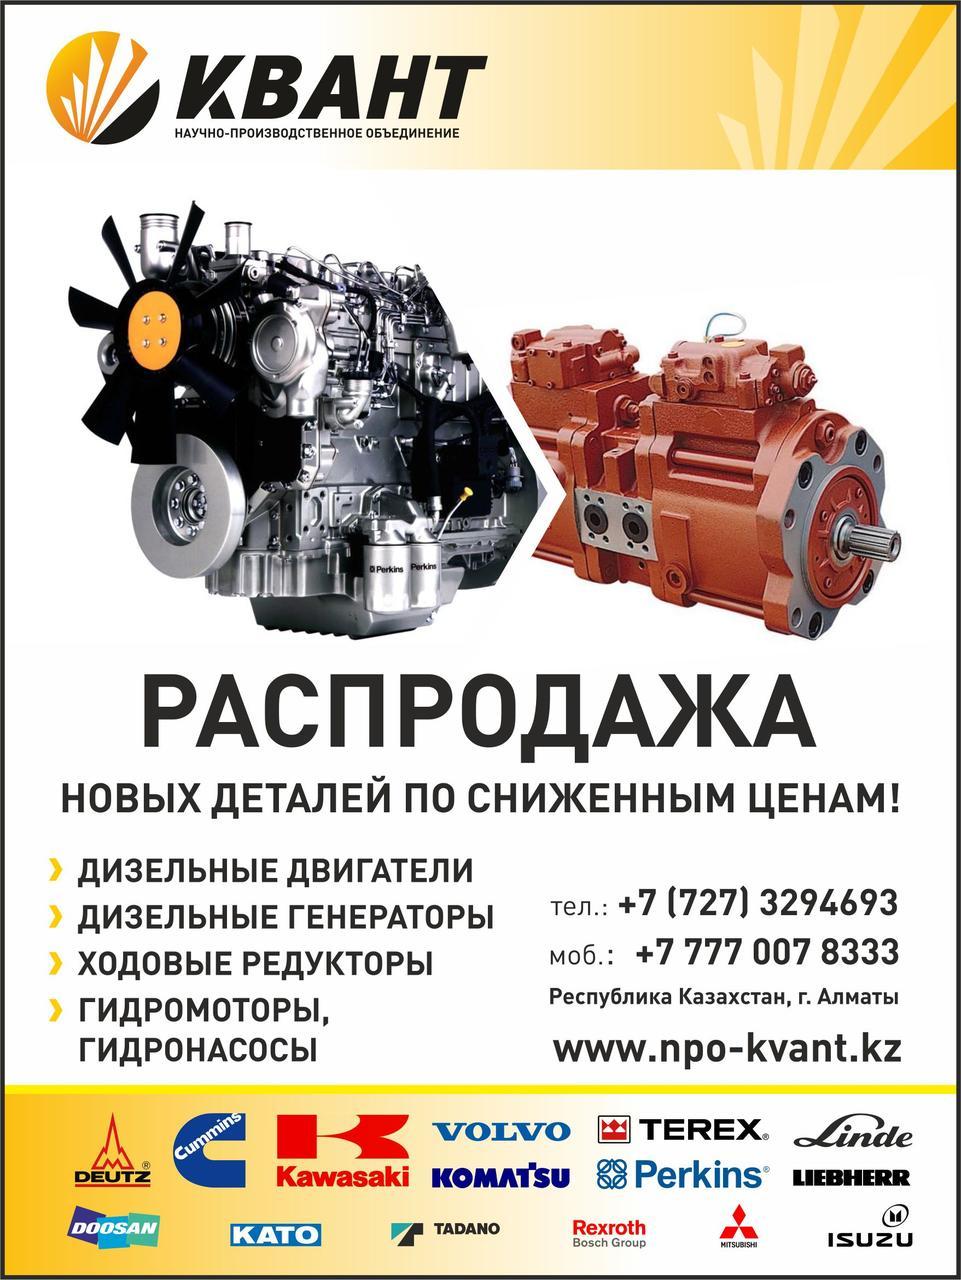 Дизельный двигатель Mitsubishi серии L, SL, SQ, SS, 6D, SB, SA, SR, SU